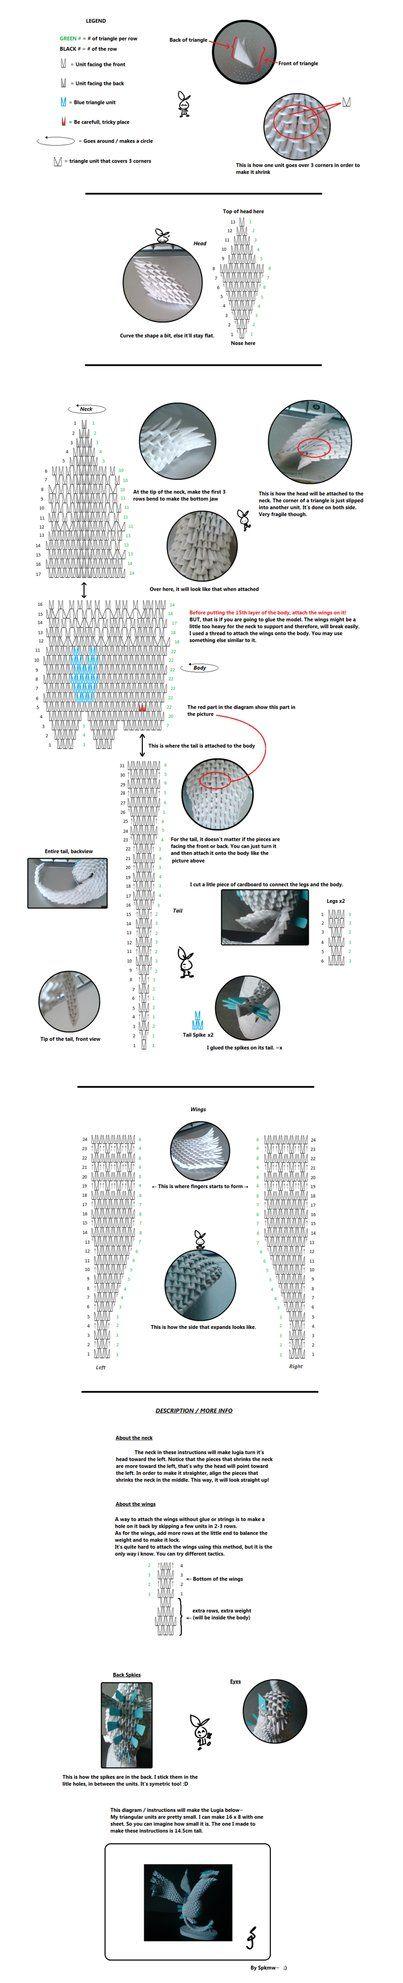 08e1d03e760cc738995abb75af7e8fda 116 best 3d origami diagrams images on pinterest origami modular origami diagrams at gsmportal.co